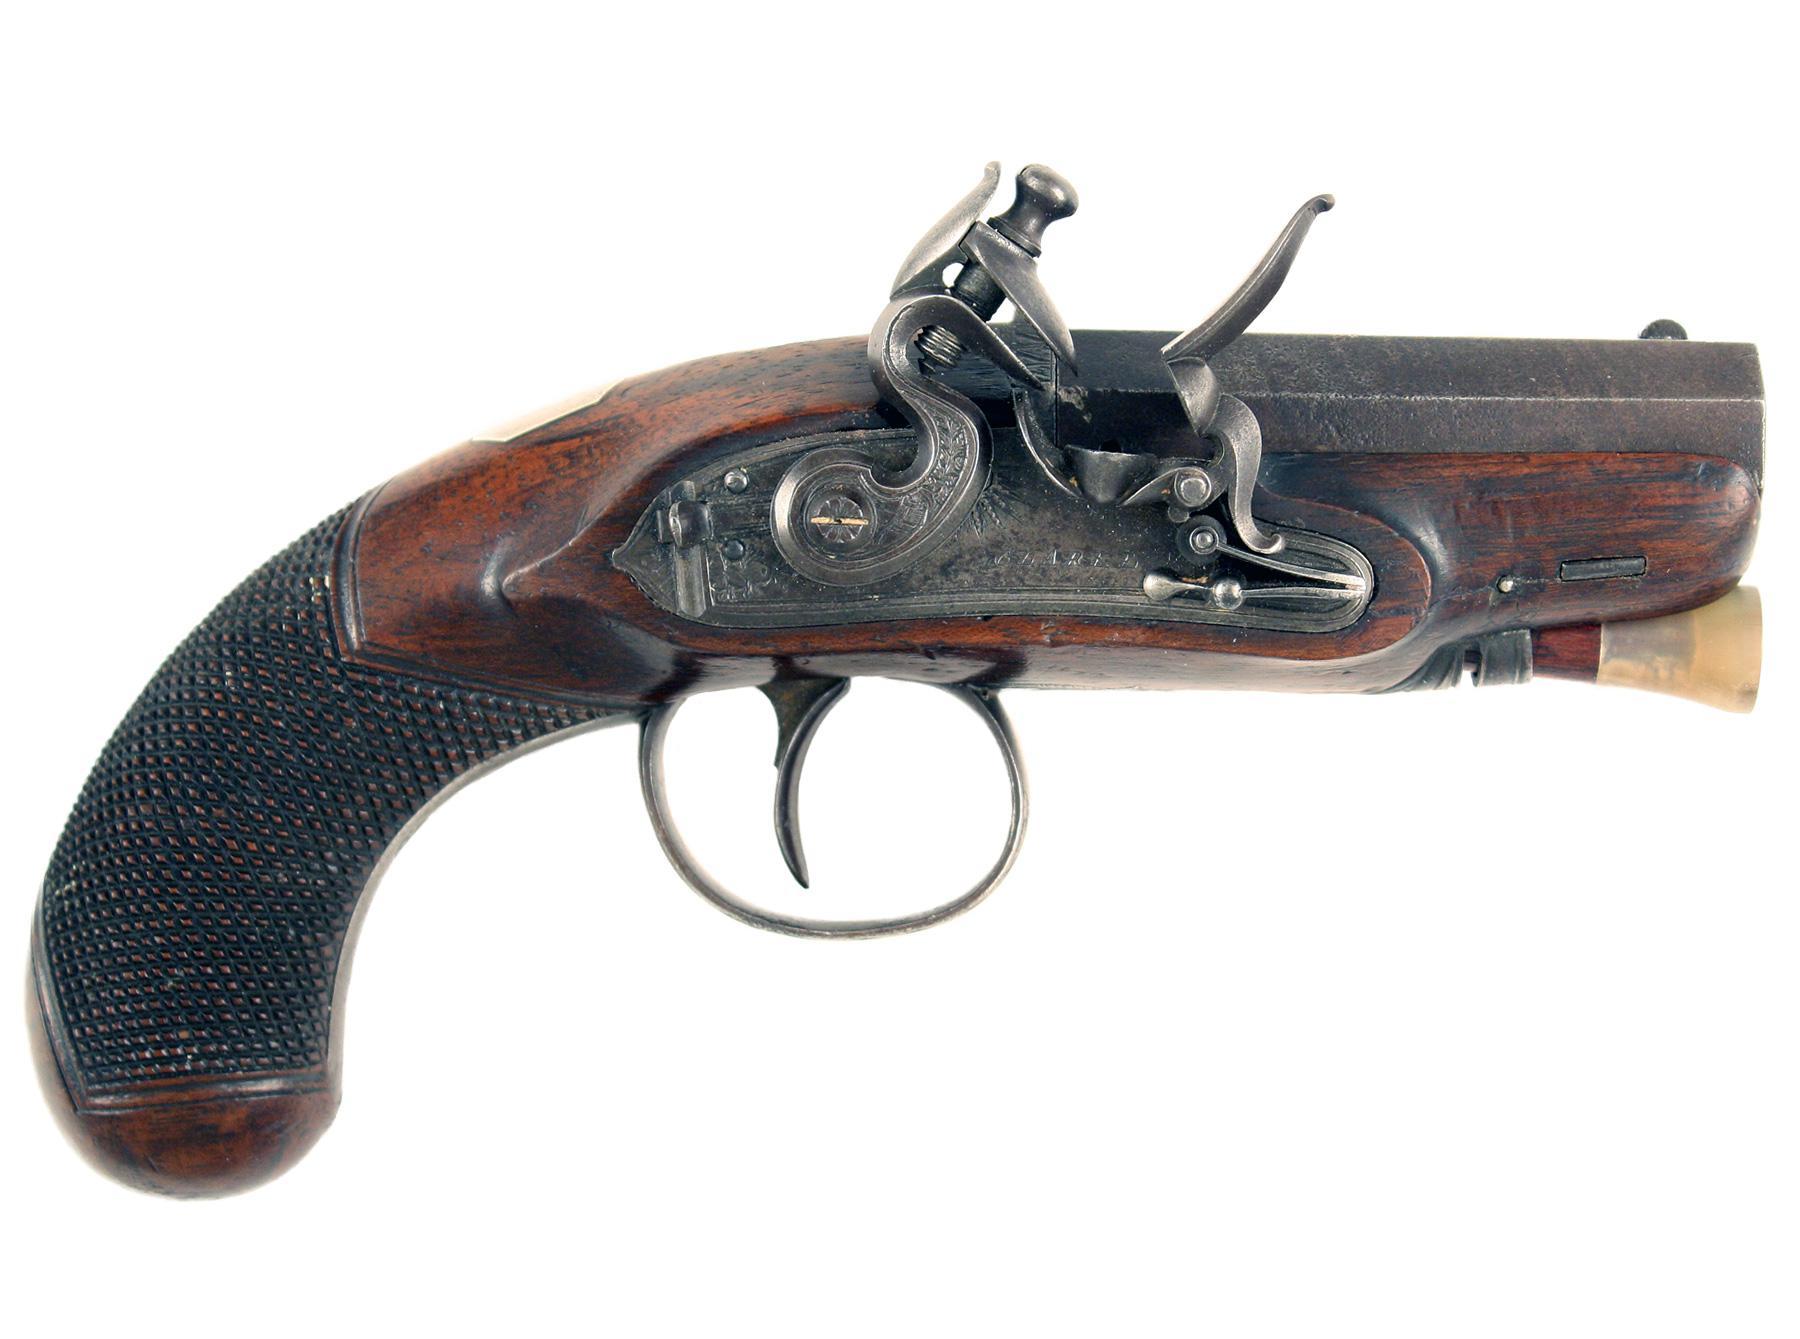 A Diminutive Pair of Flintlock Pistols by Clarke